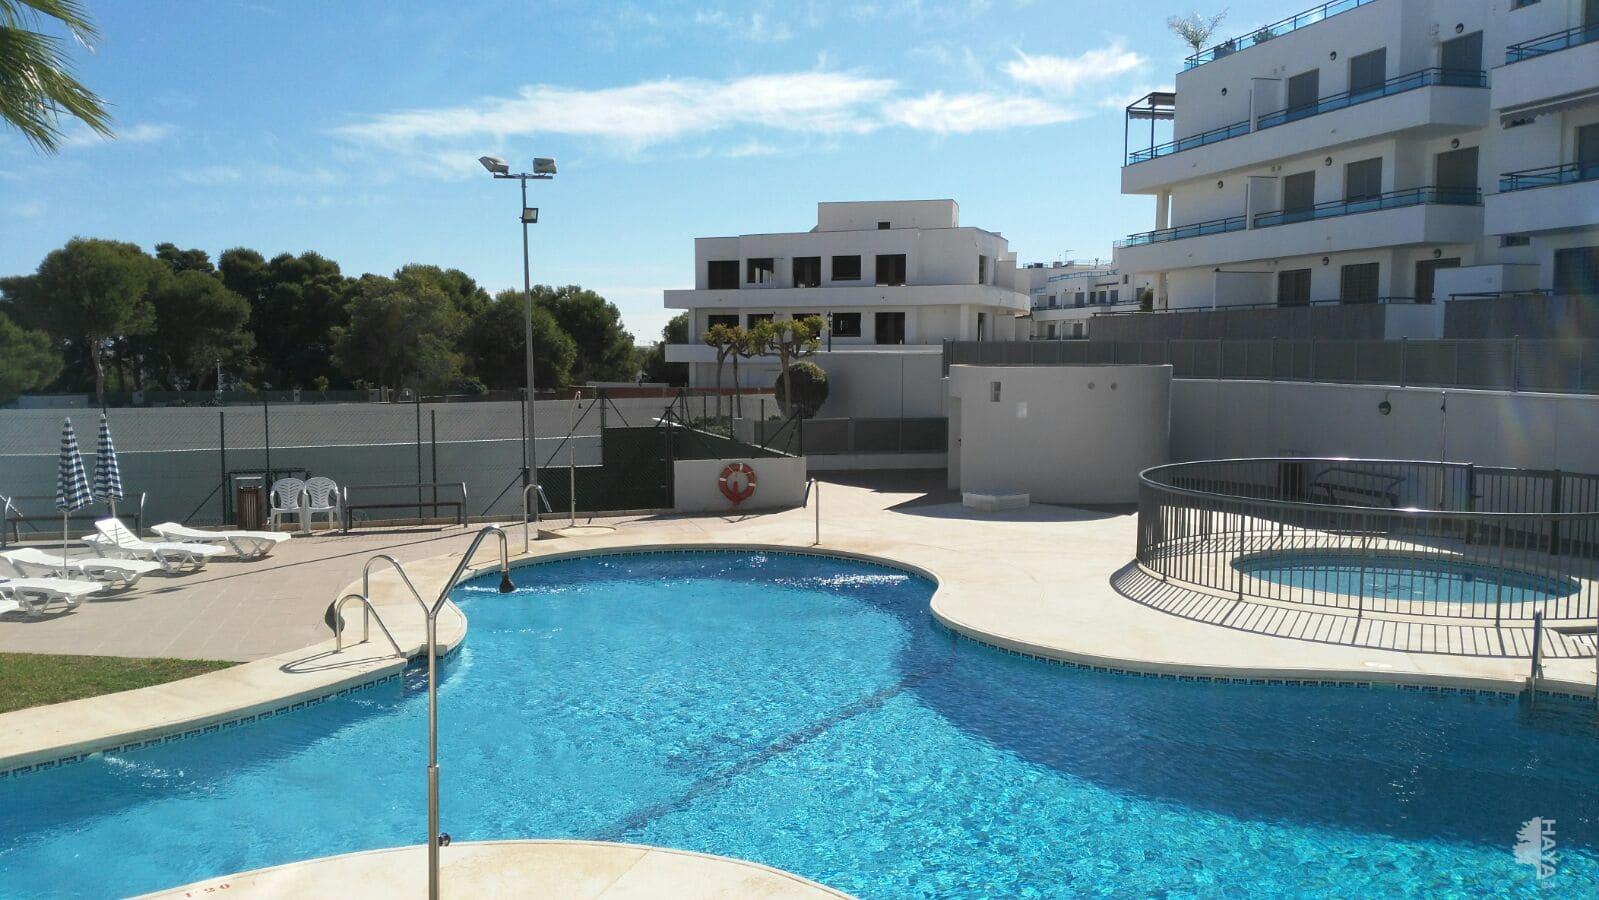 Piso en venta en Garrucha, Almería, Calle Murillo (pinar de Garrucha), D, 91.100 €, 2 habitaciones, 2 baños, 76 m2